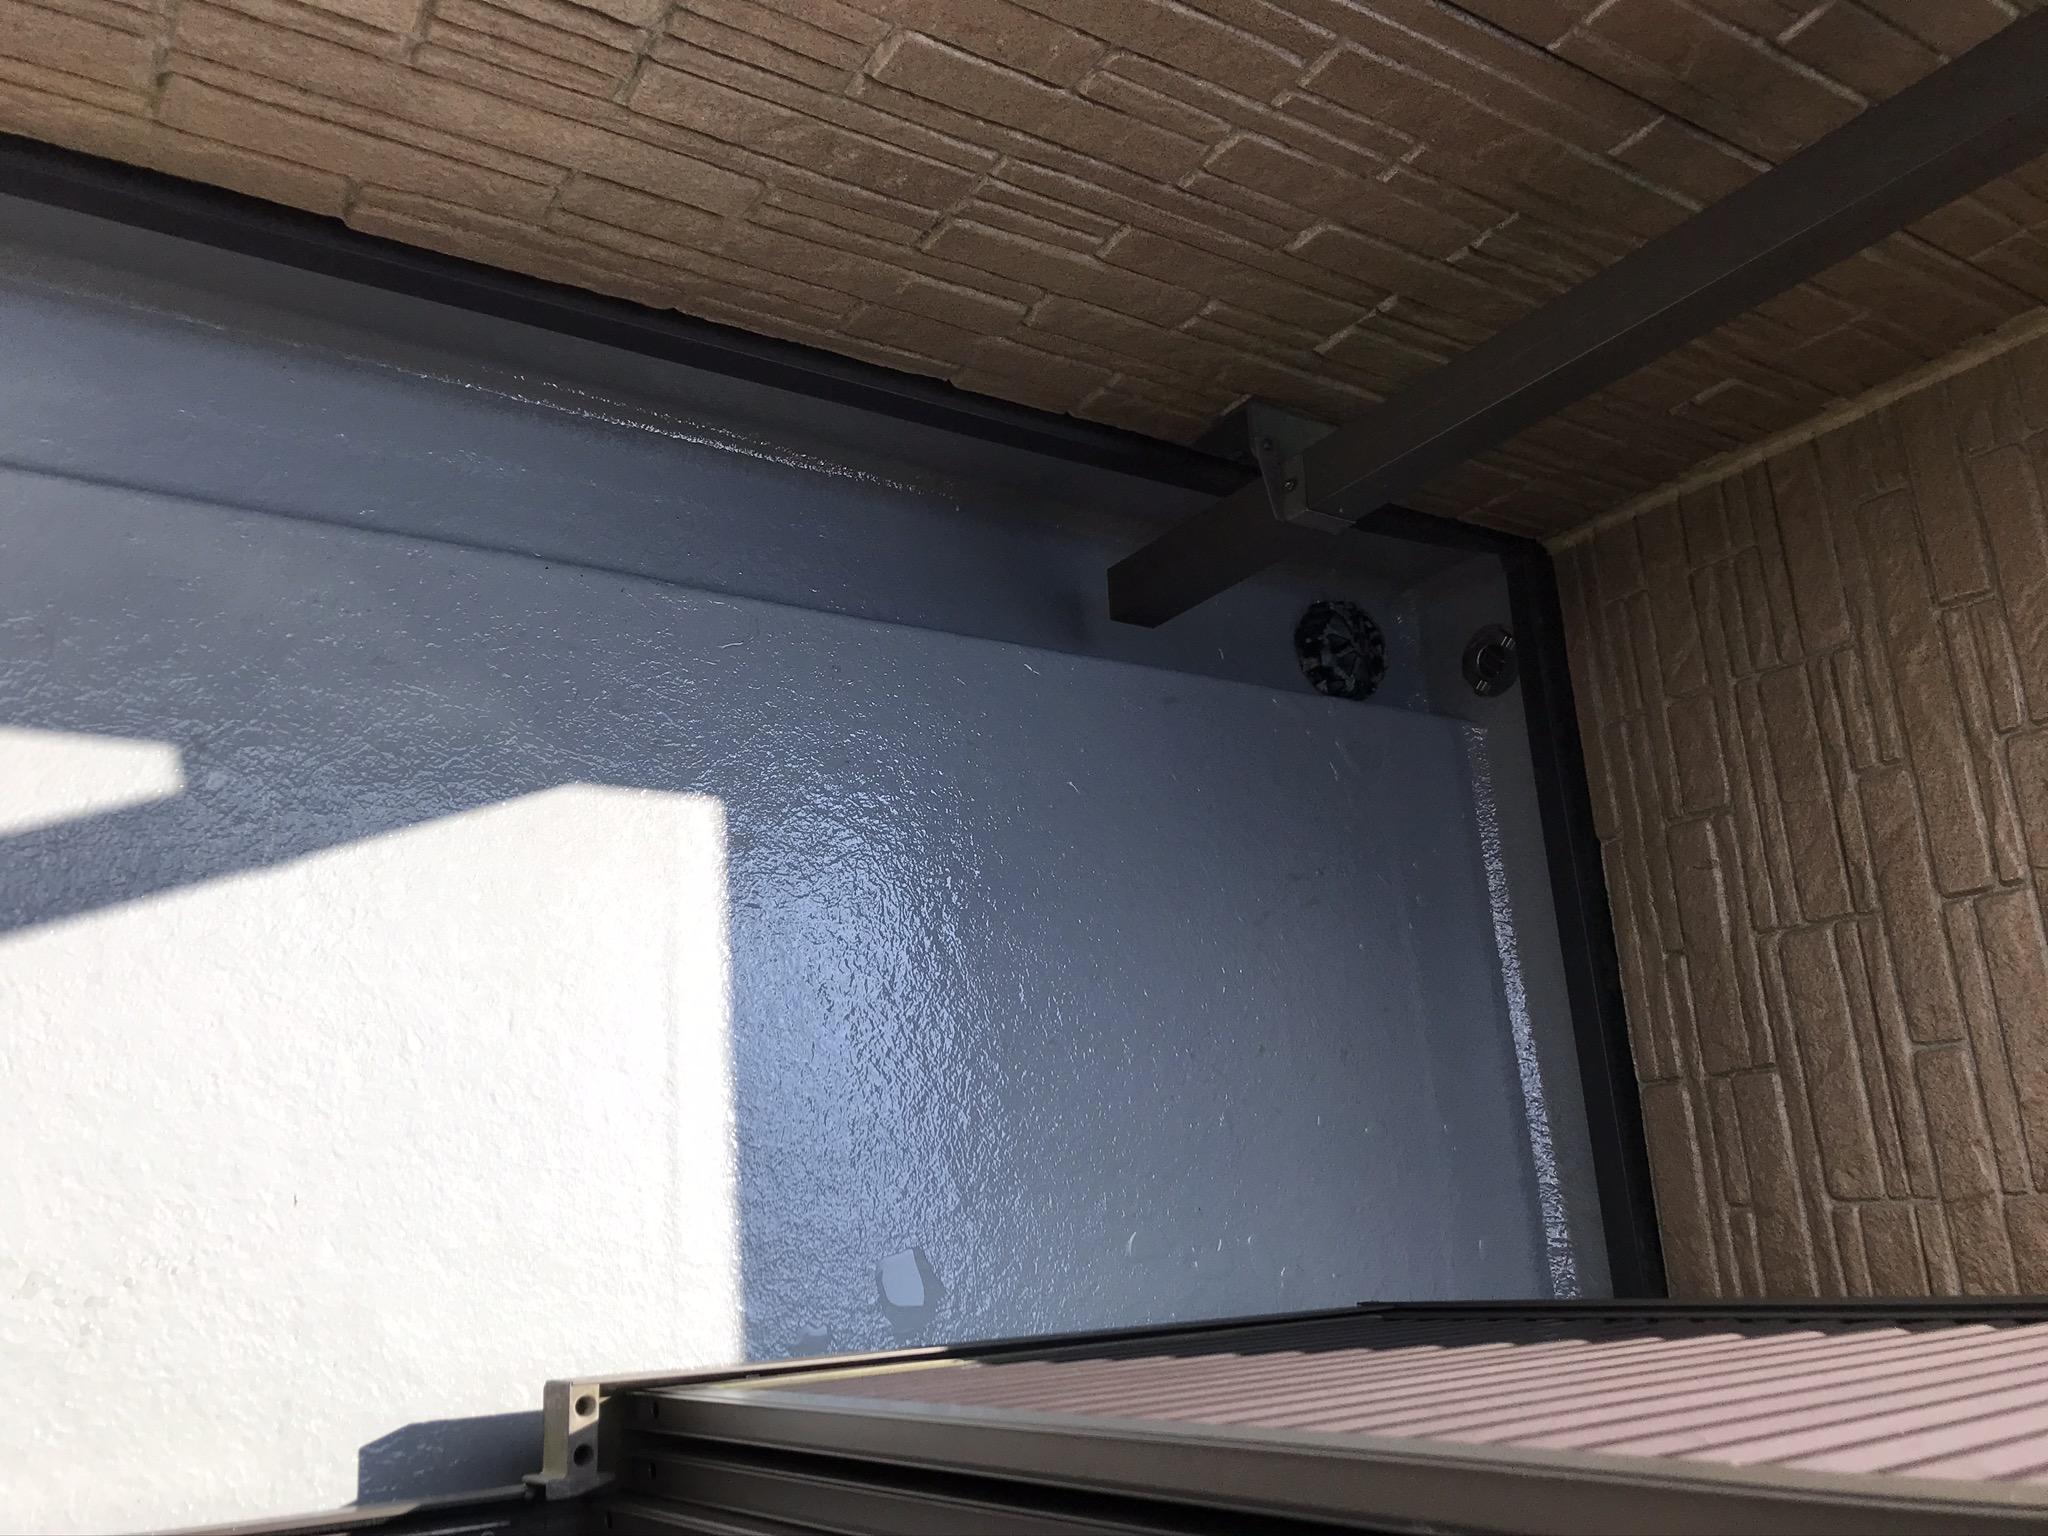 上尾市ベランダ床FRP防水トップコートメンテナンス完了